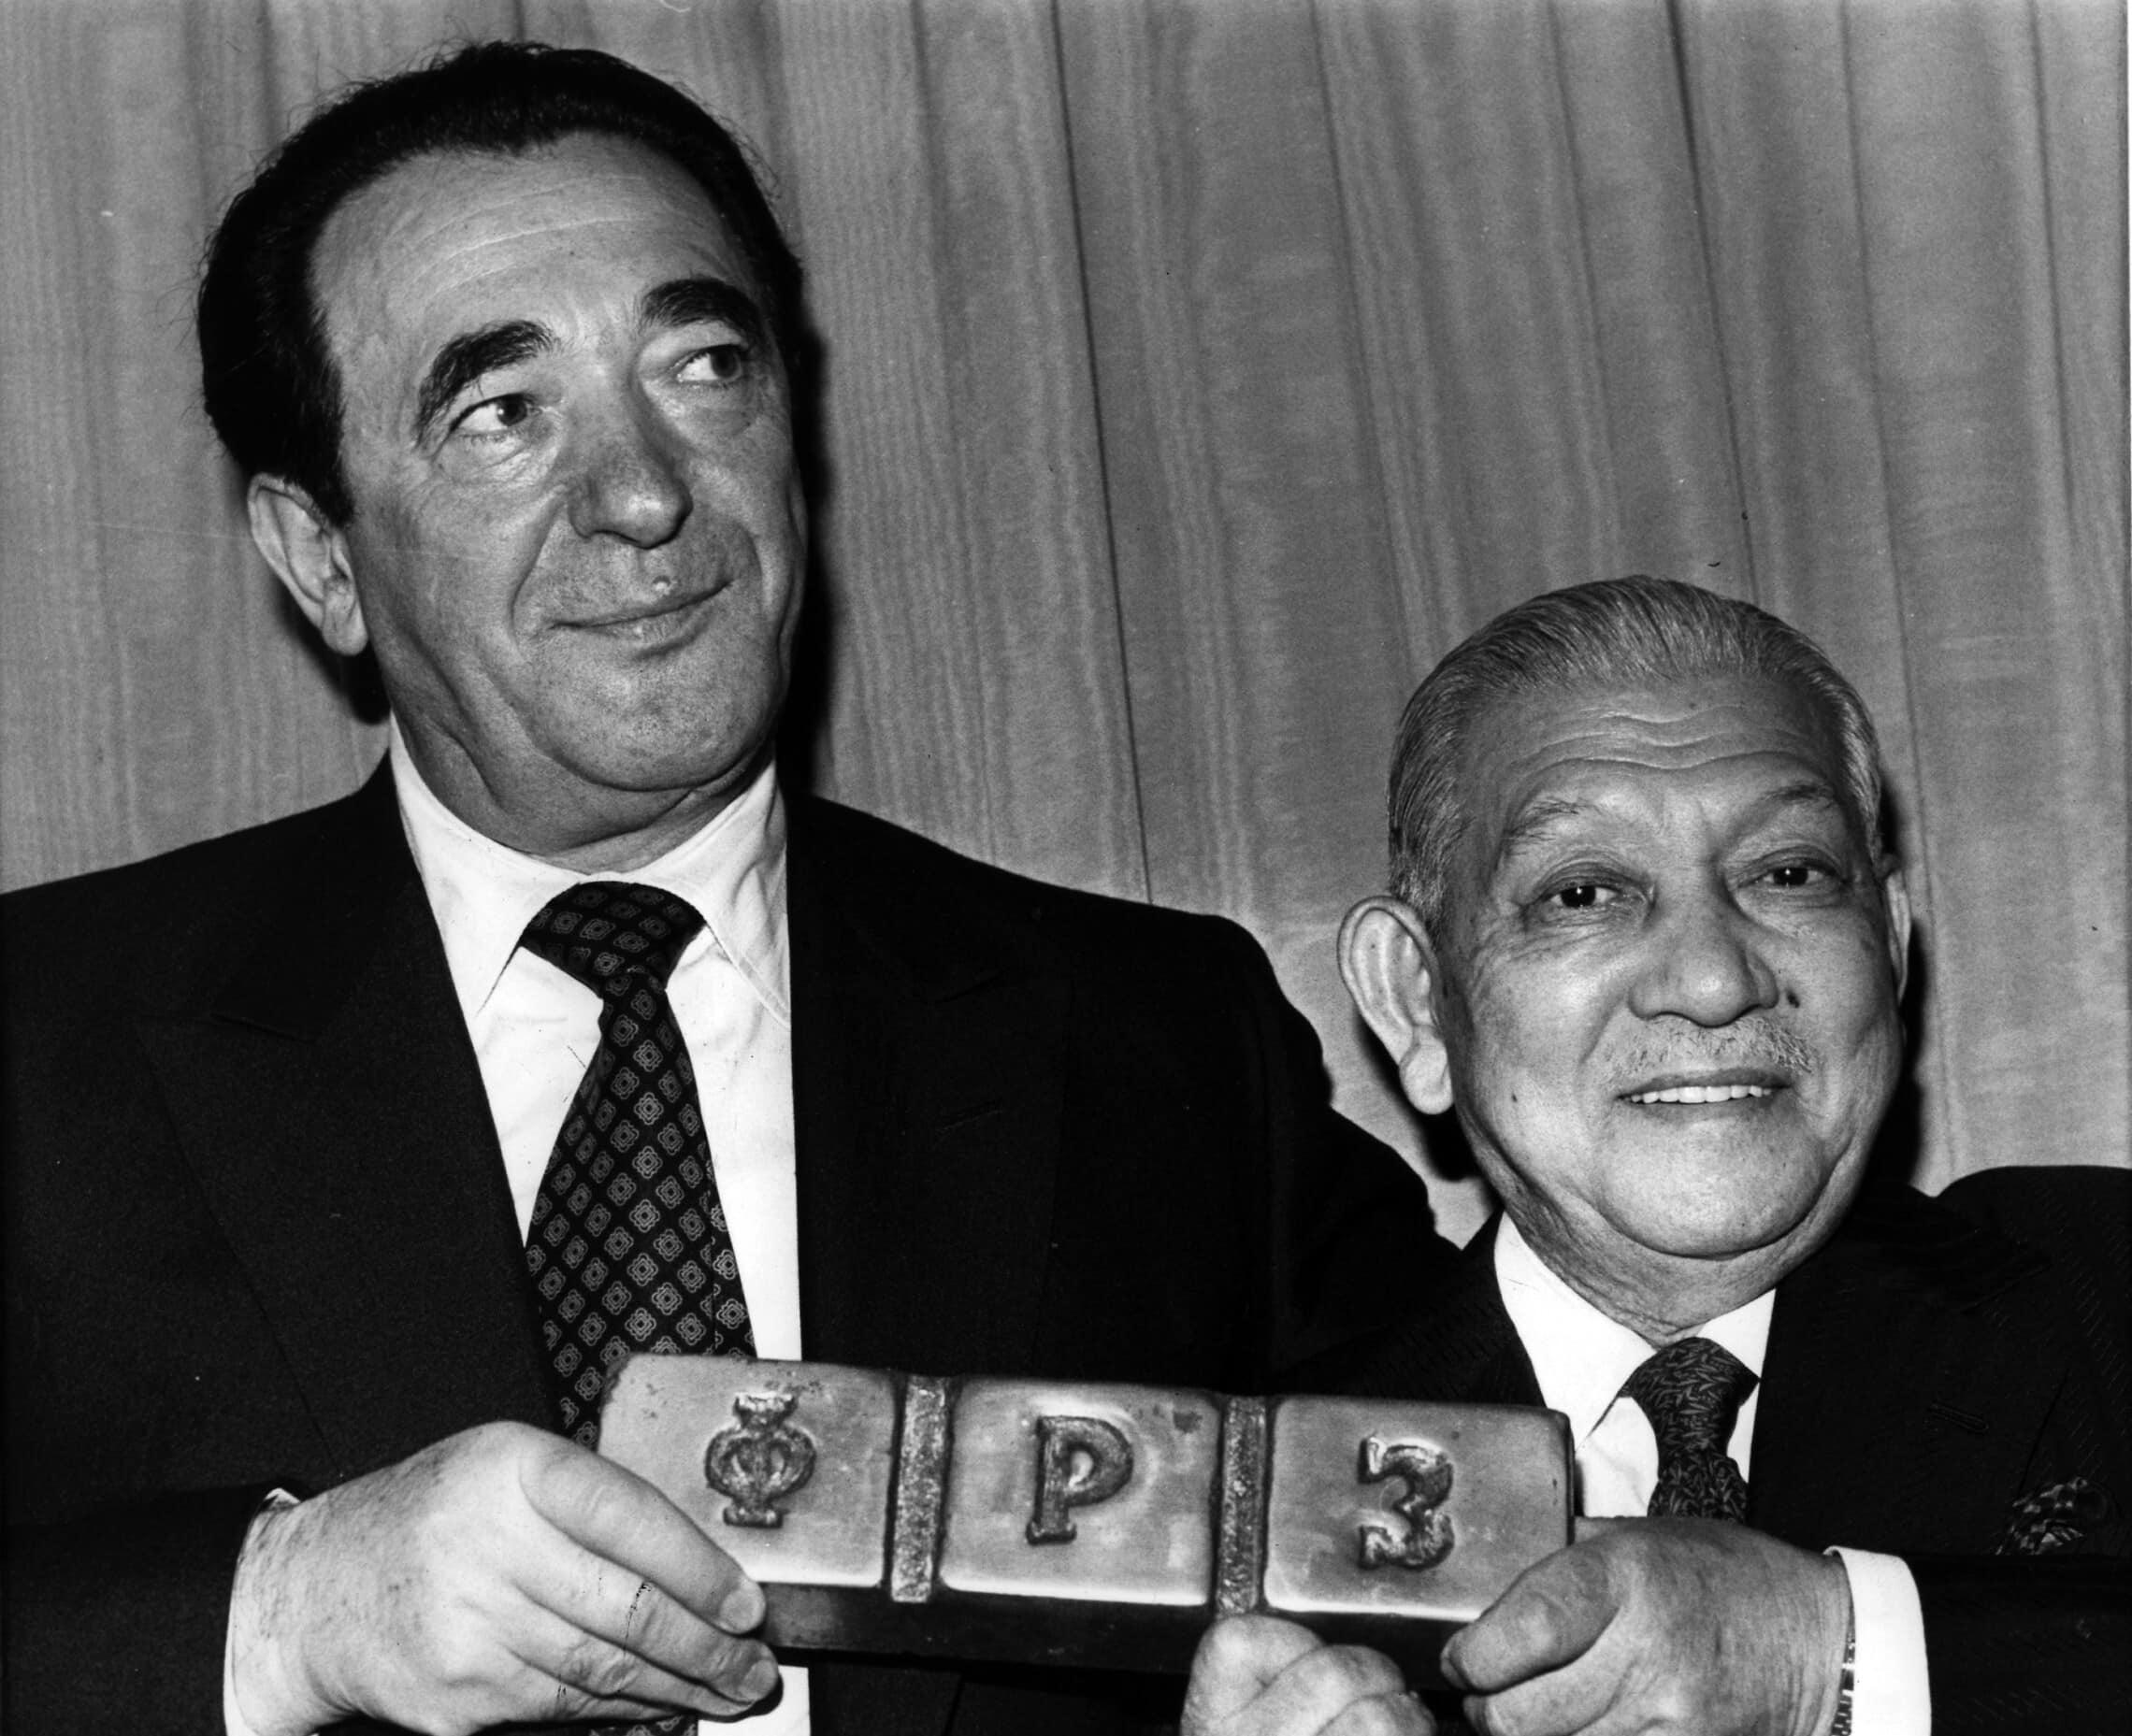 רוברט מקסוול (משמאל) ב-1980 (צילום: AP Photo)